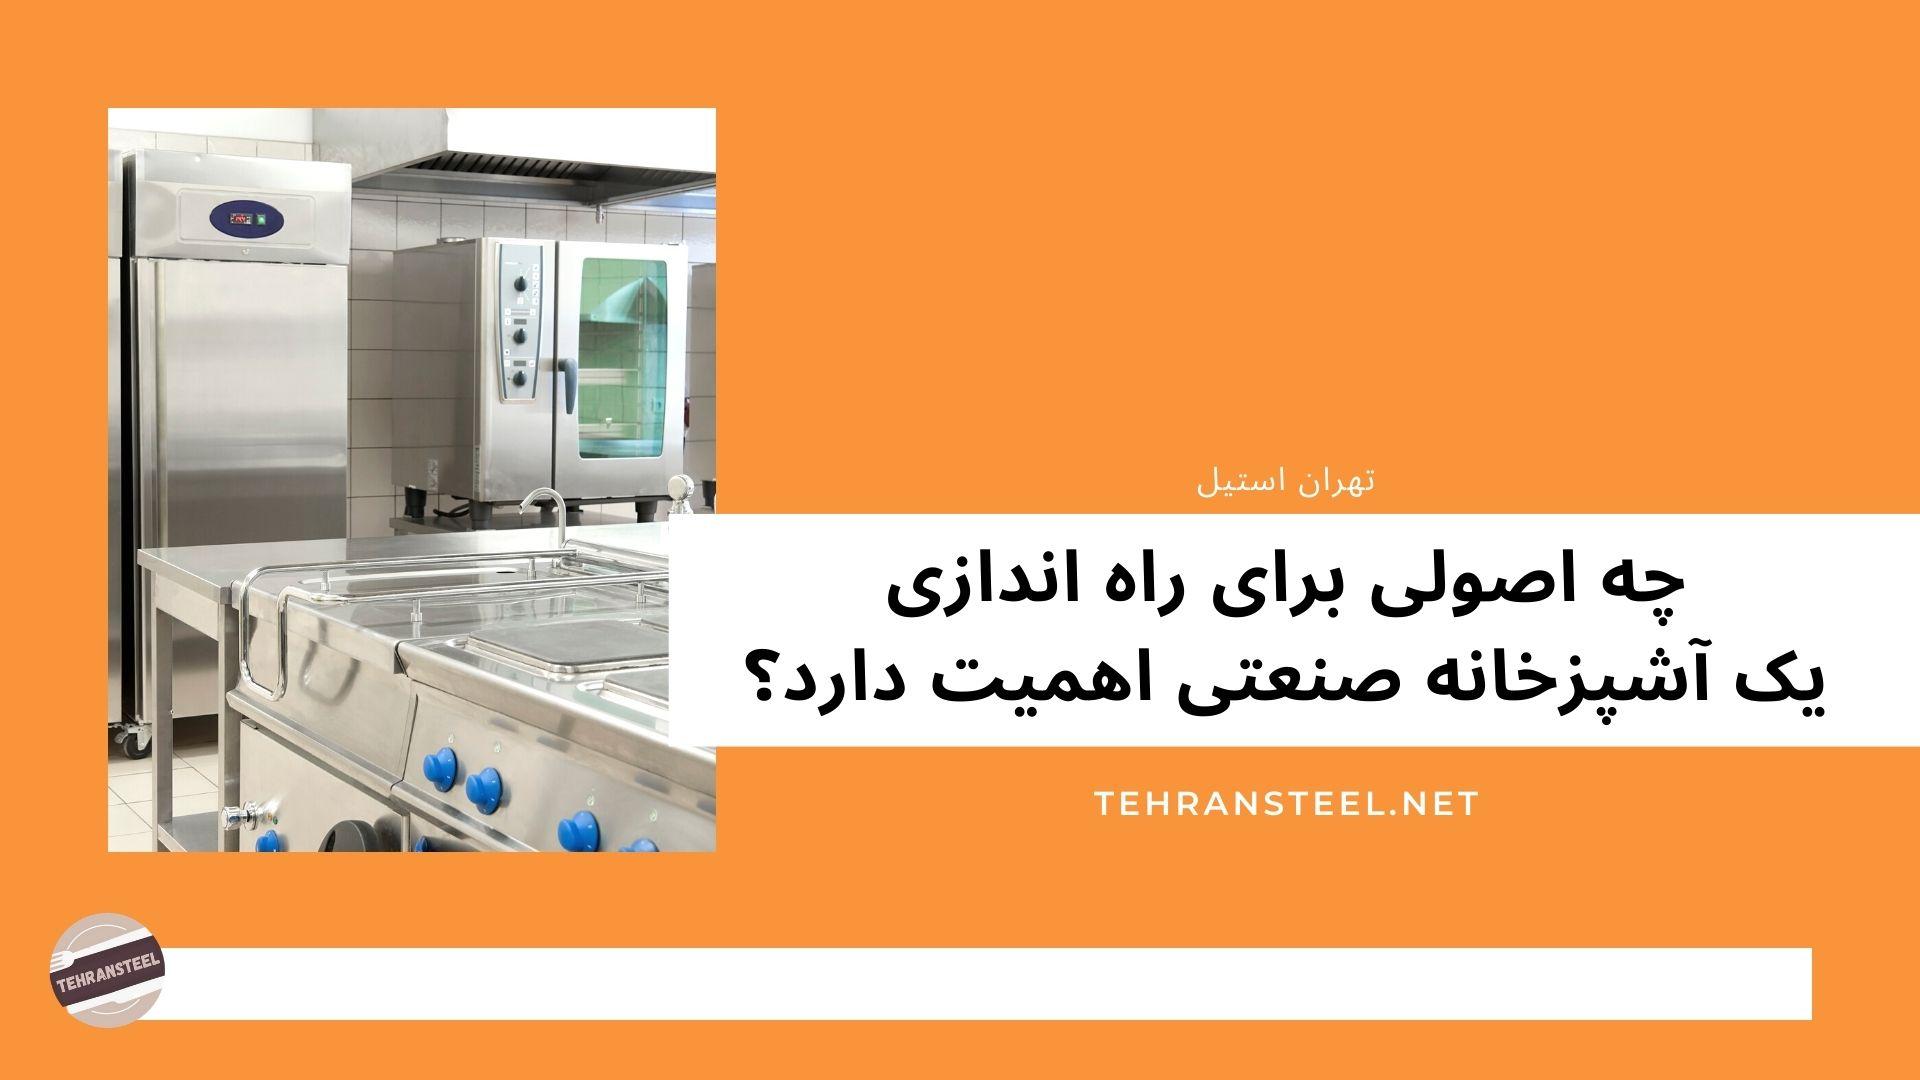 چه اصولی برای راه اندازی یک آشپزخانه صنعتی اهمیت دارد؟